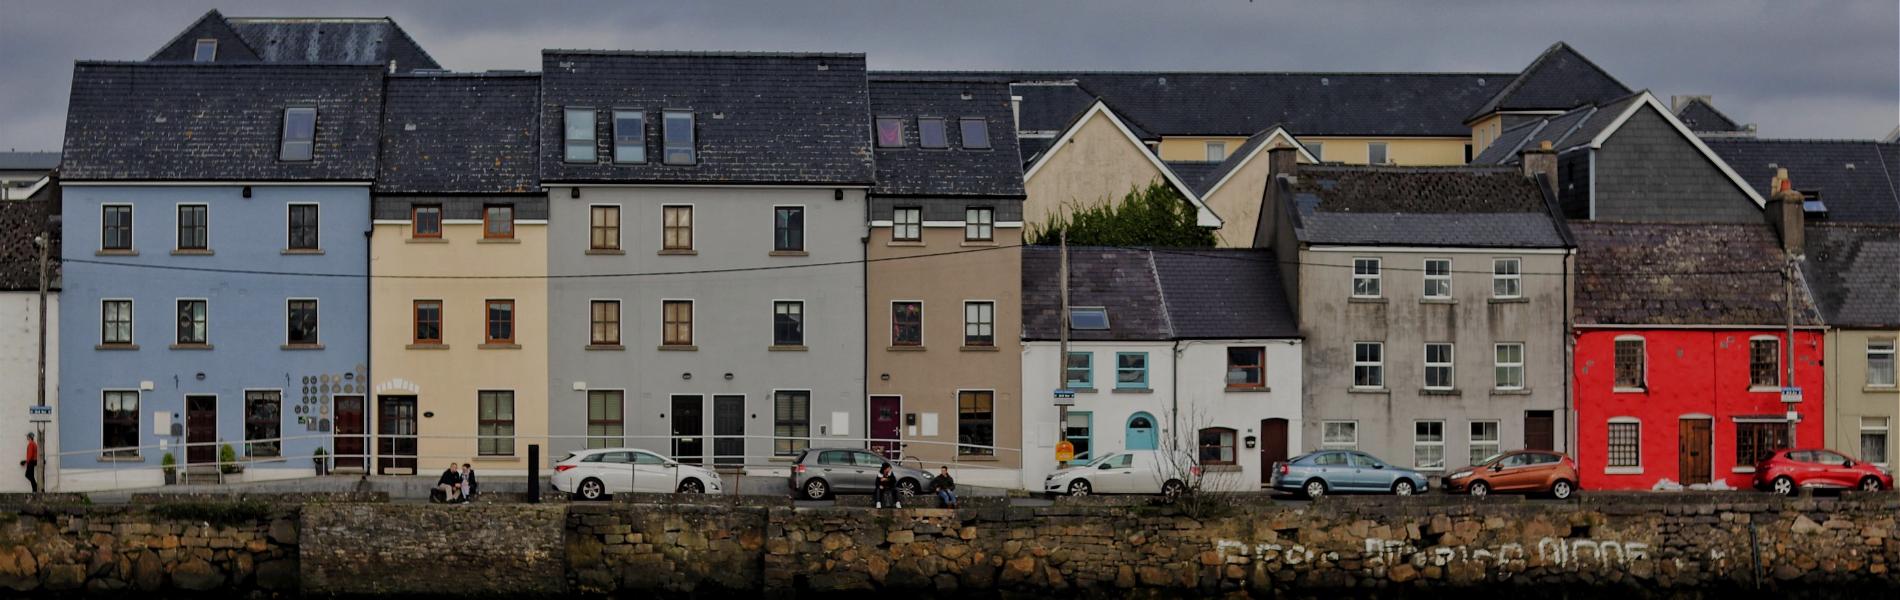 Internships in Galway, Ireland